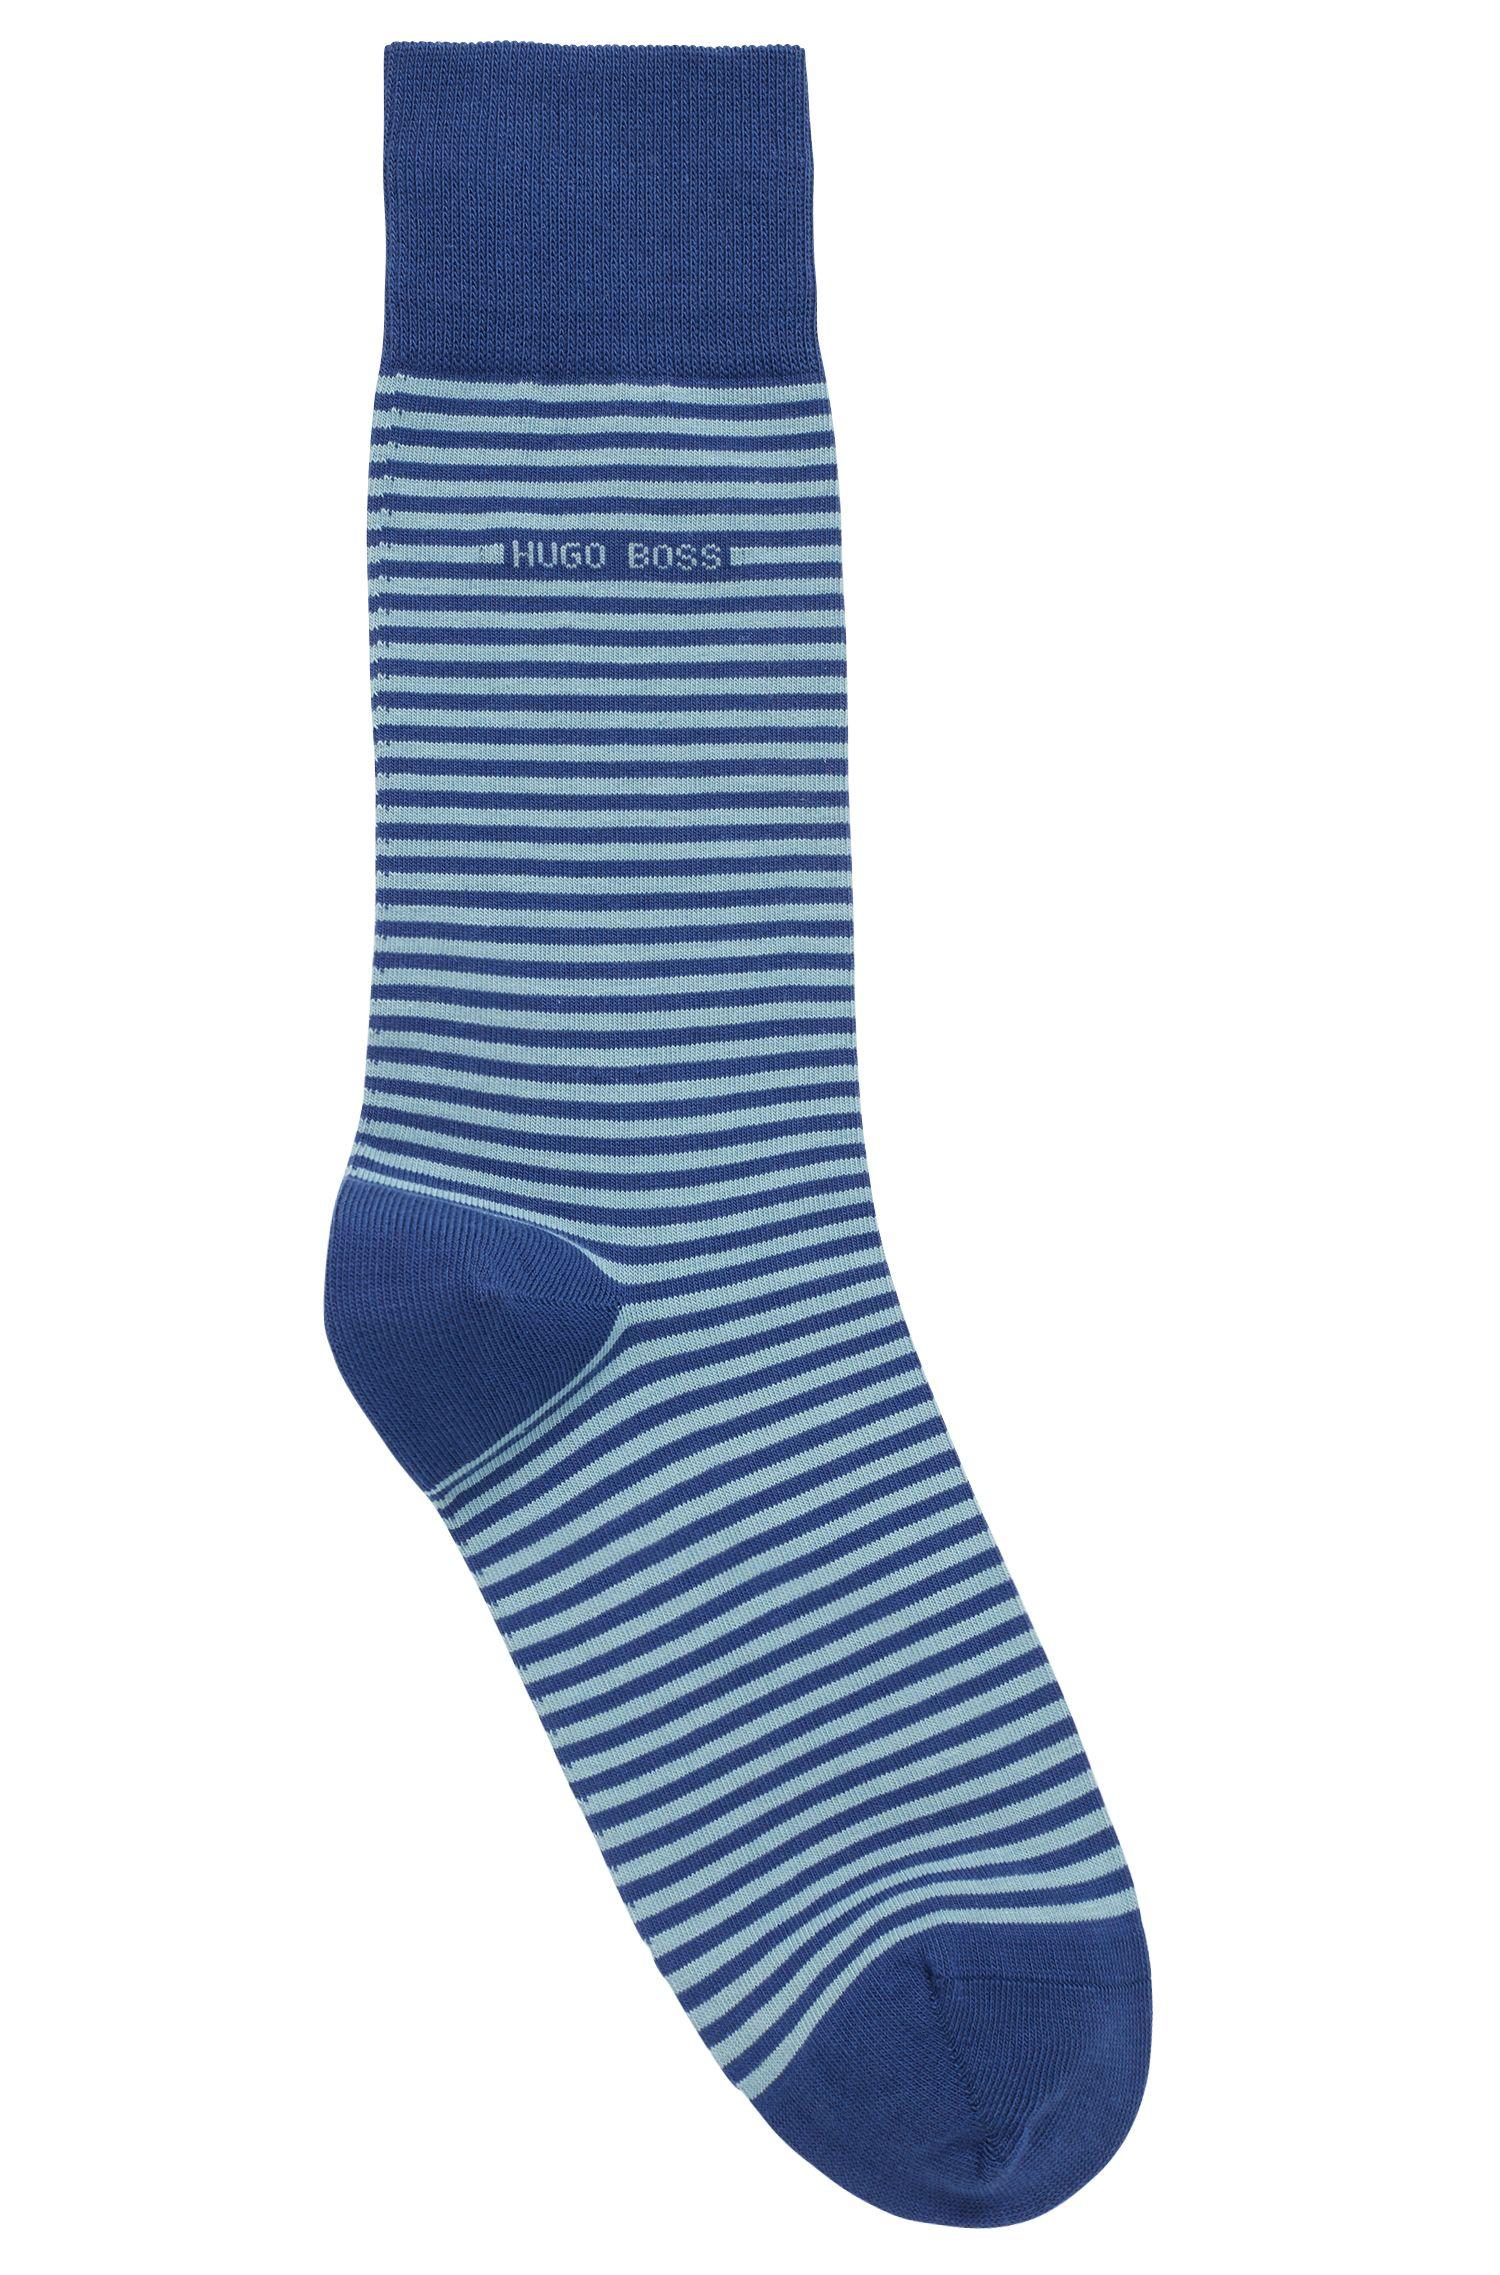 Mittelhohe Socken aus gekämmter Stretch-Baumwolle mit Streifen, Blau